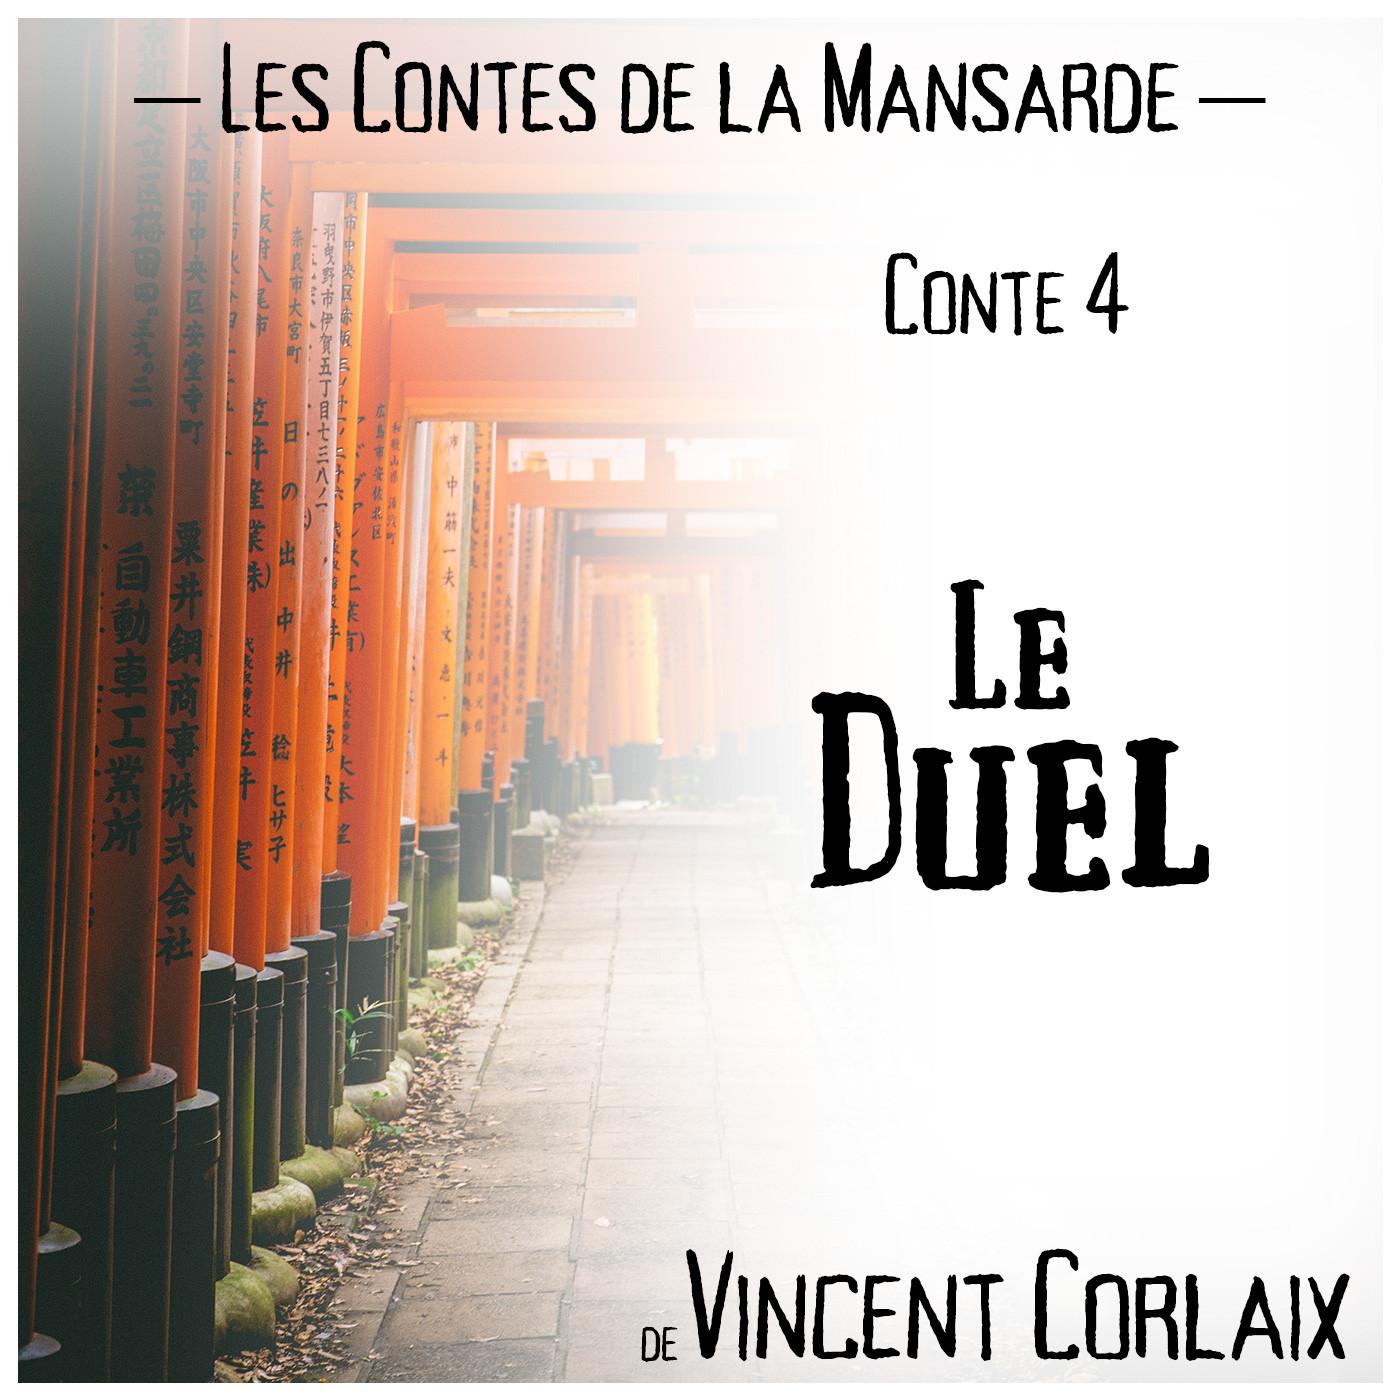 Conte 4 – Le Duel